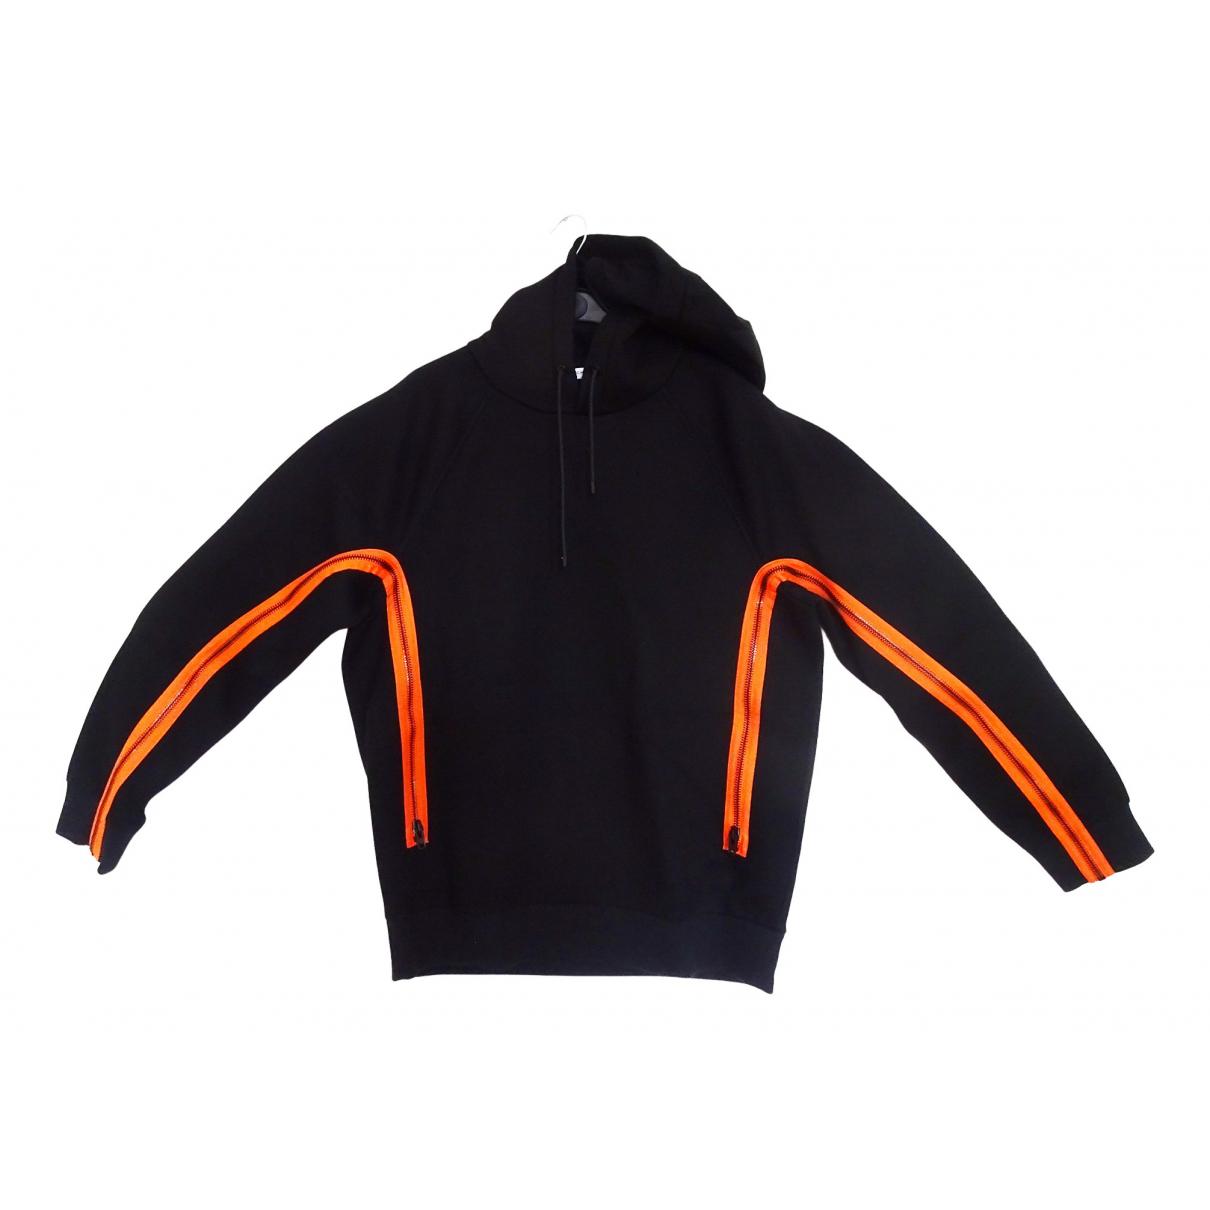 Givenchy N Black Knitwear & Sweatshirts for Men XL International